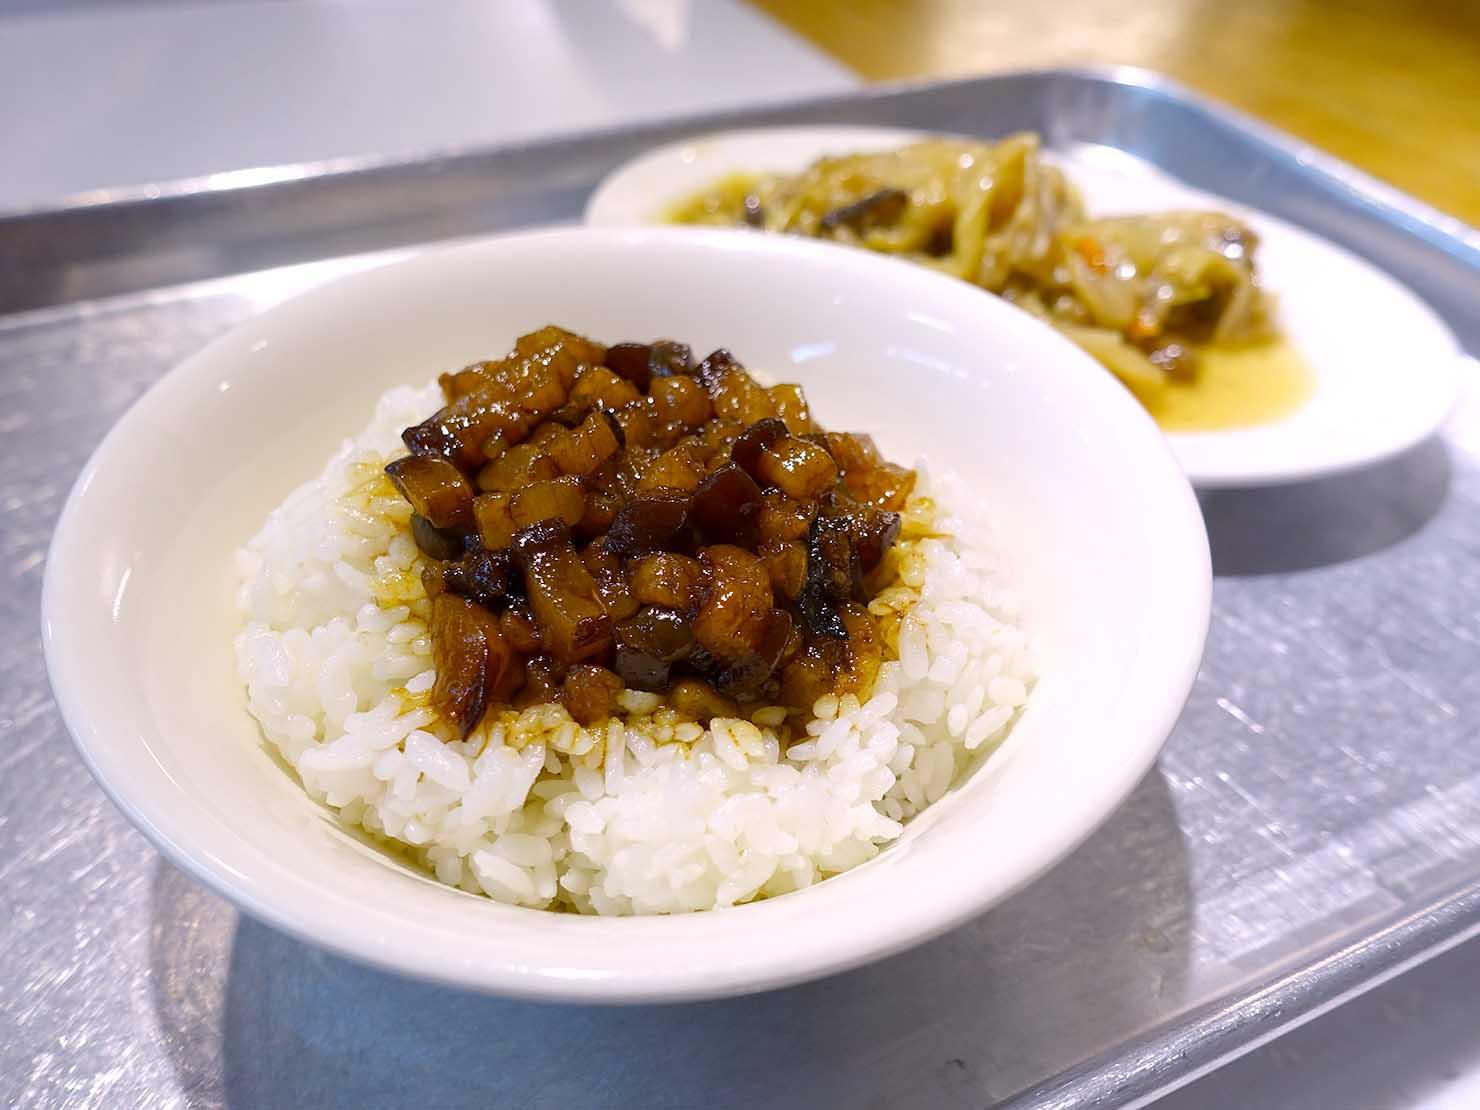 台北駅エリアのおすすめ台湾グルメ店「北北車魯肉飯」の魯肉飯(ルーローファン)